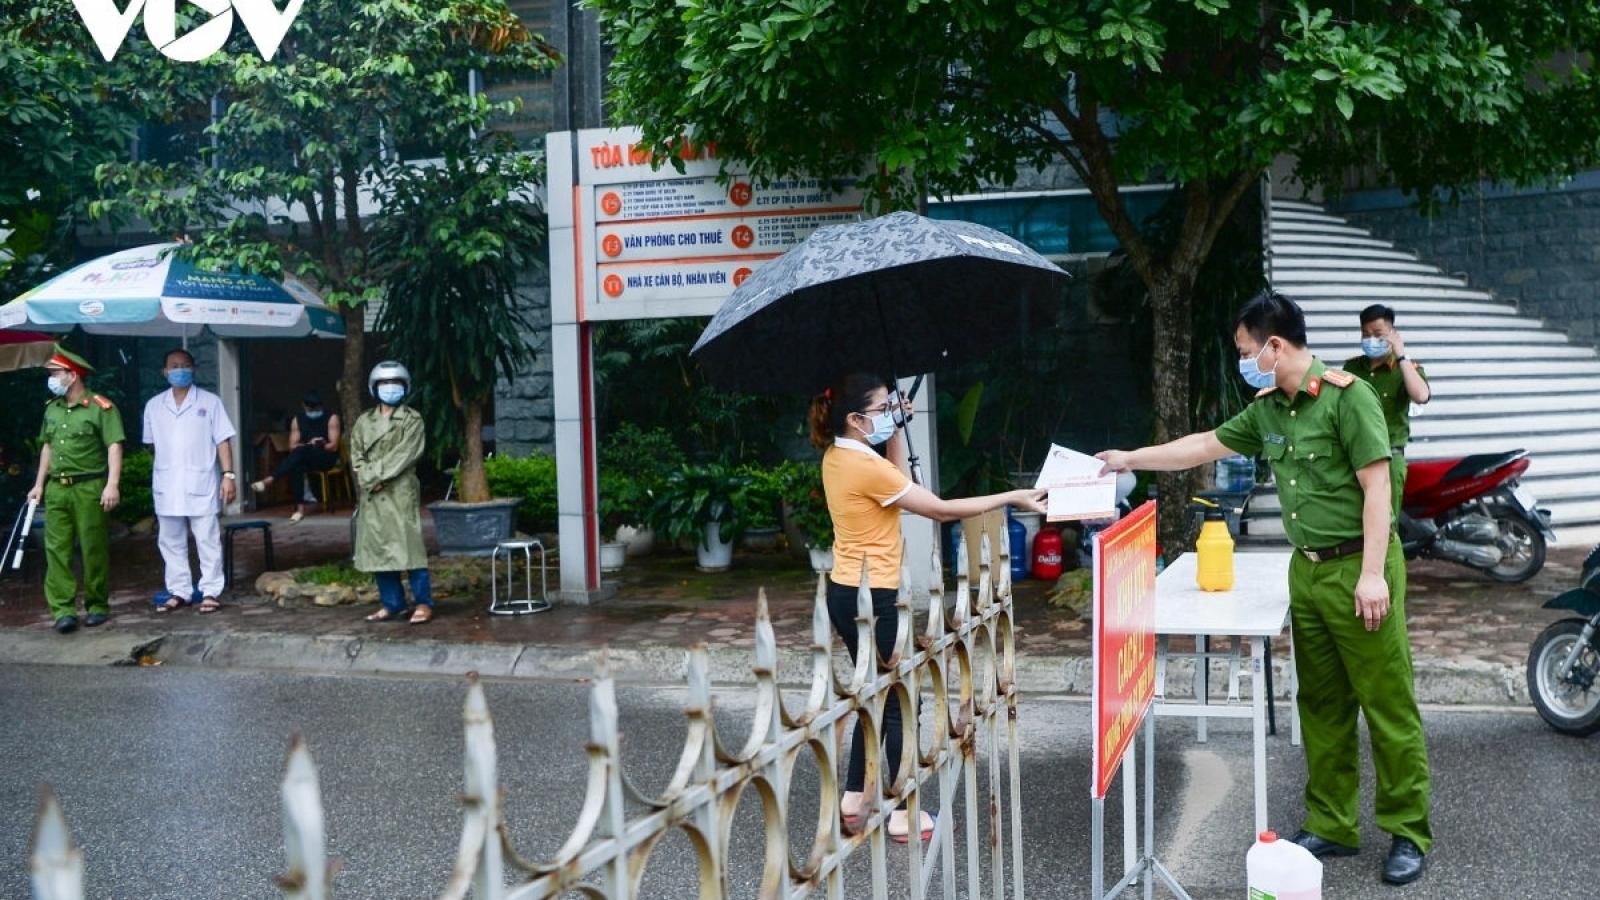 7 cán bộ ở Vĩnh Phúc bị đình chỉ công tác vì chậm tham mưu chống dịch